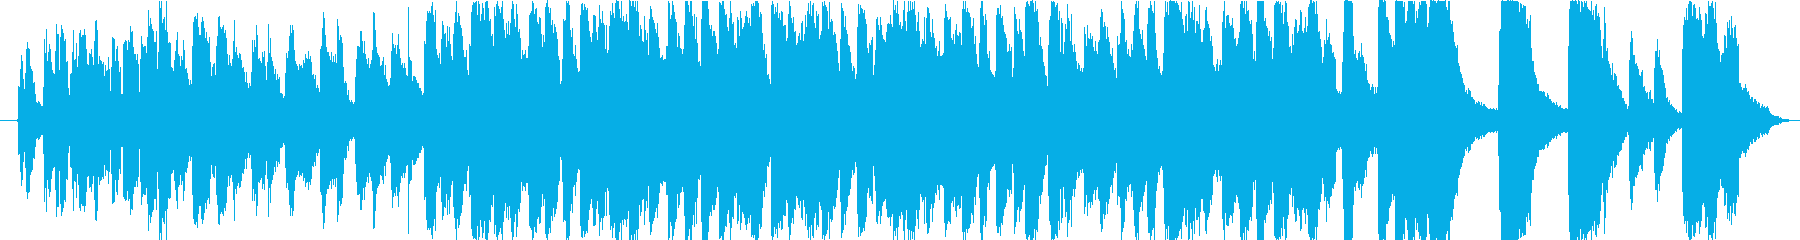 モダンなビッグバンドジャズインスト...の再生済みの波形